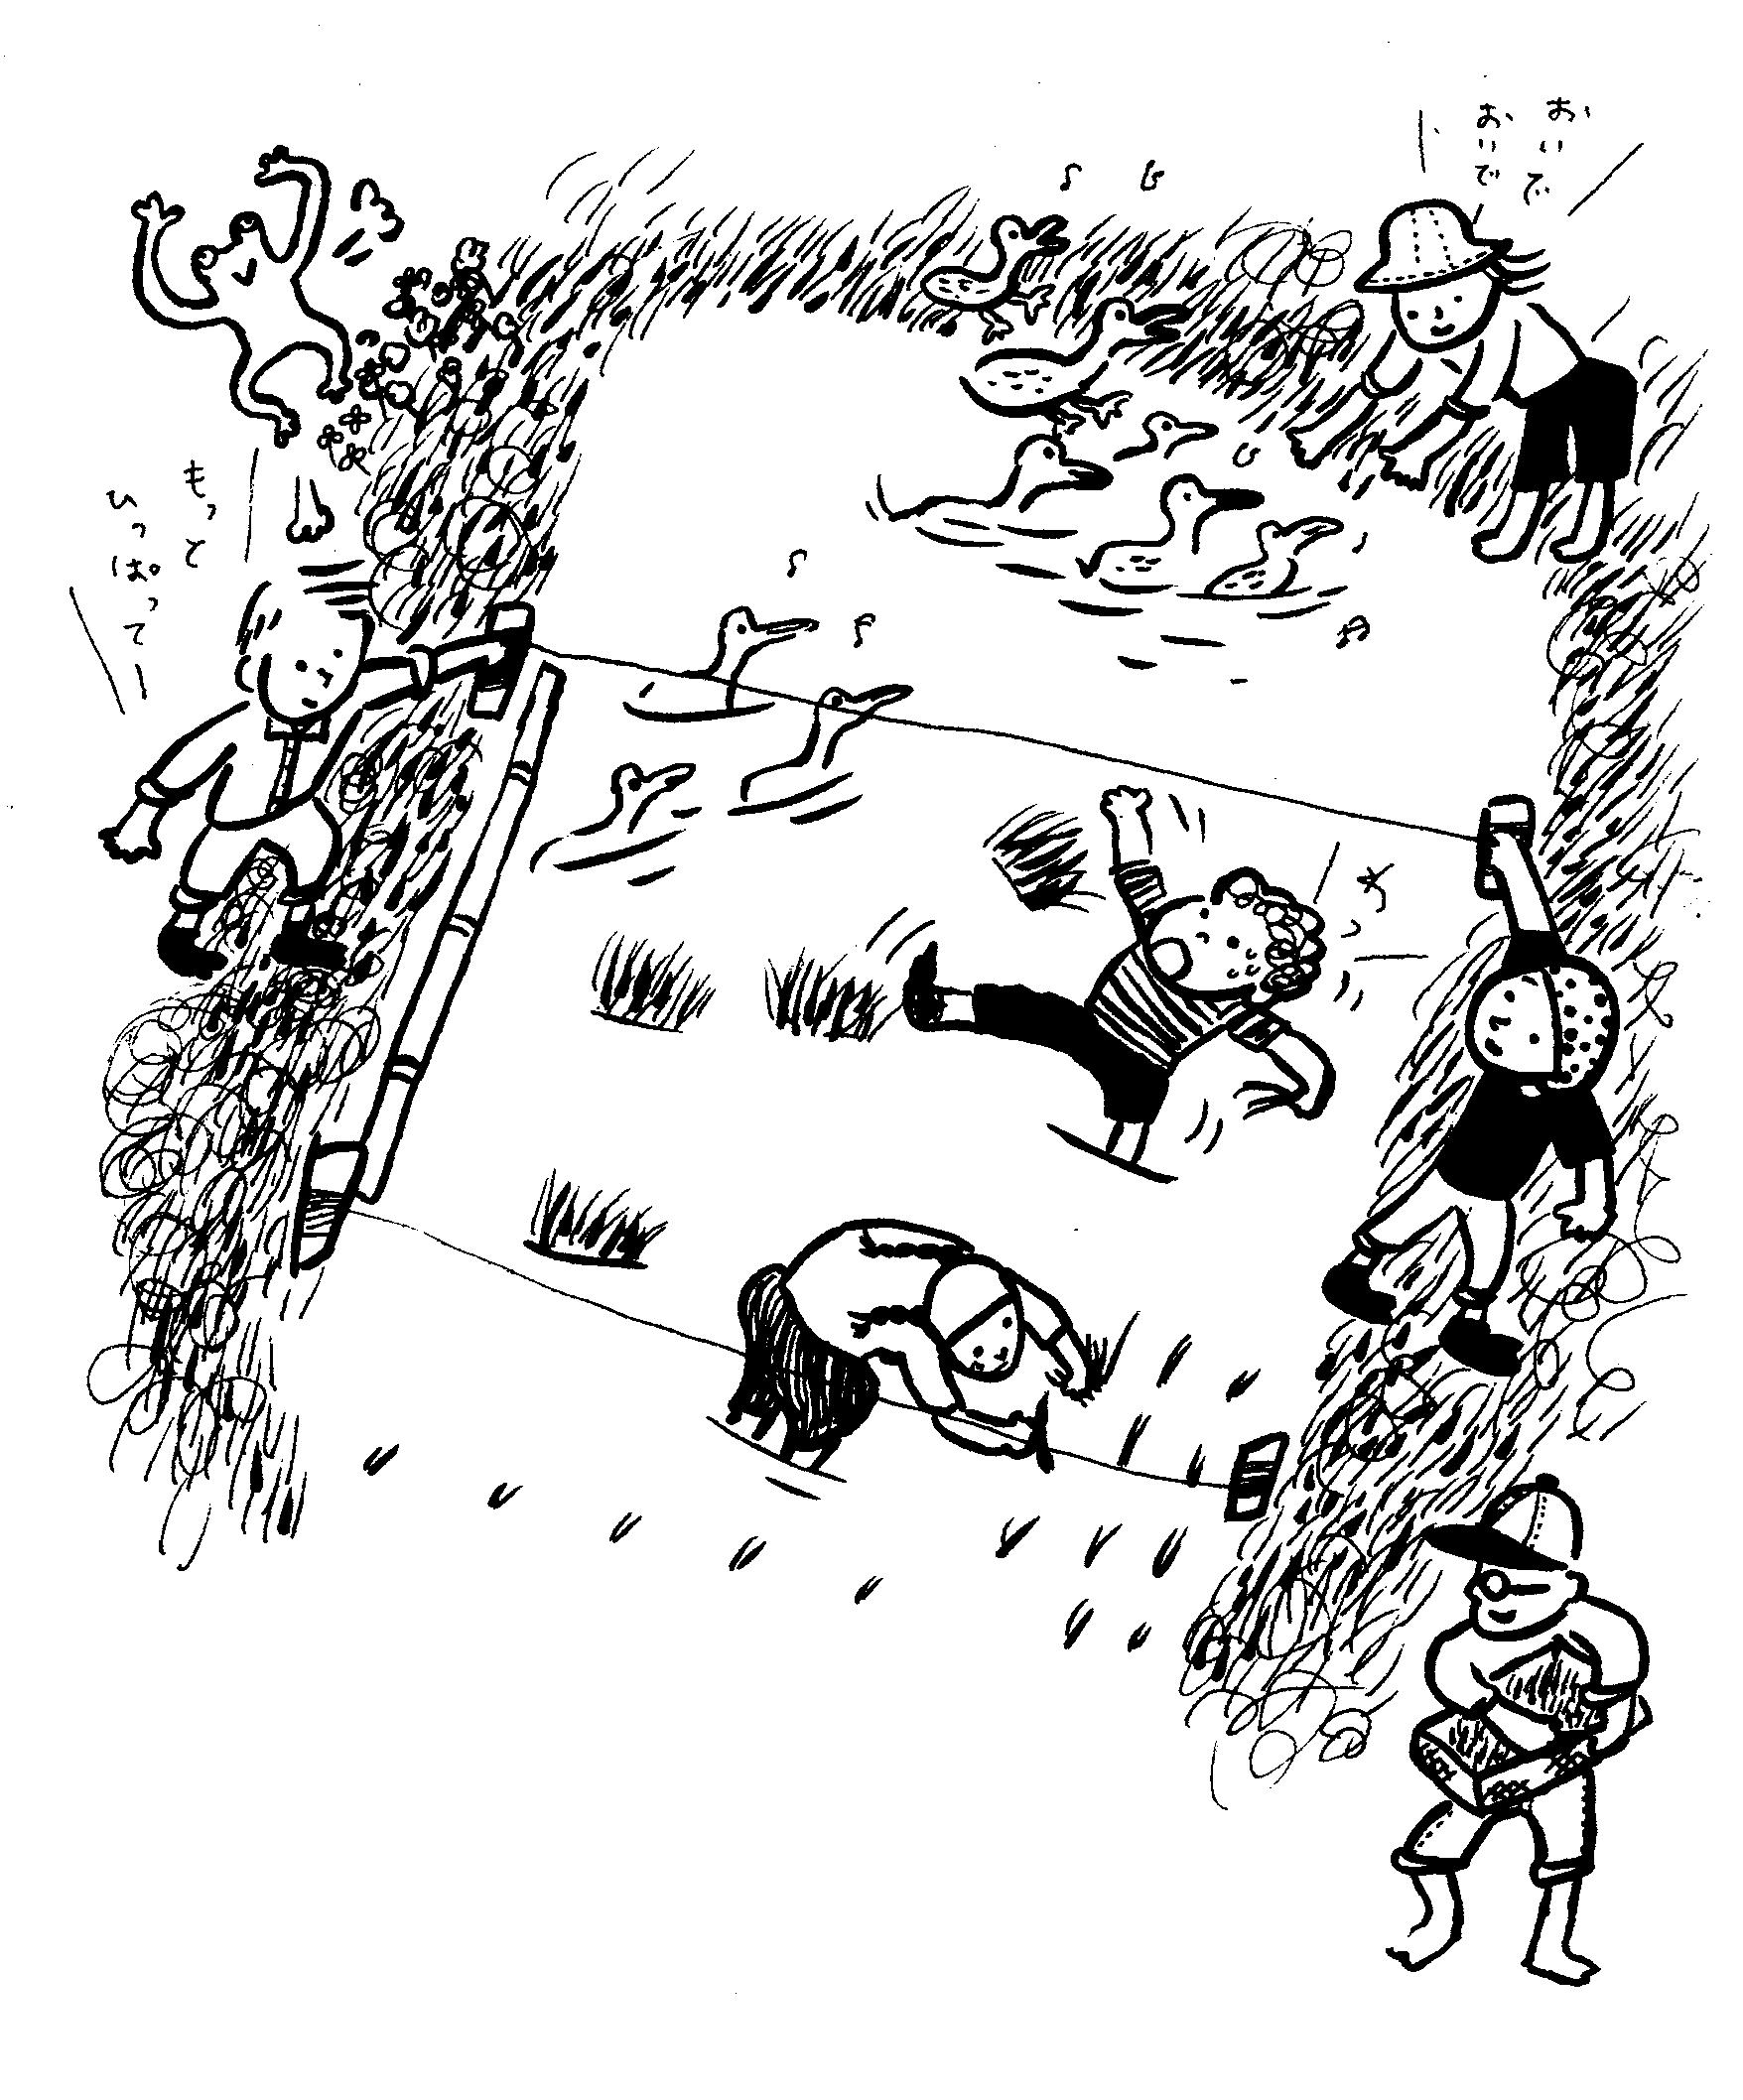 田んぼ手植え風景のイラスト